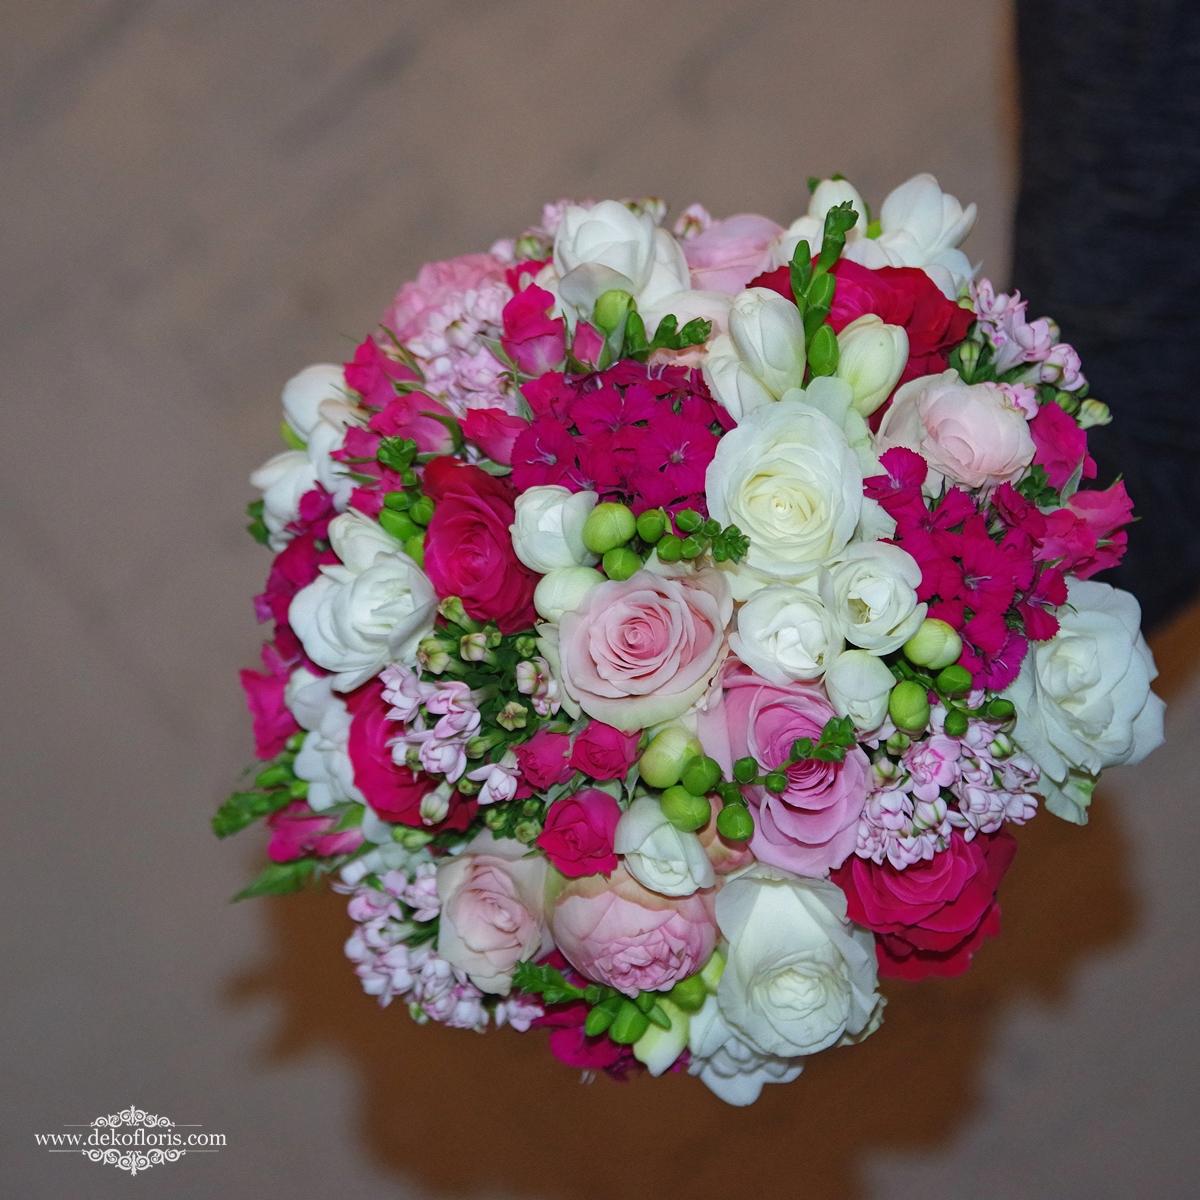 Bukiet ślubny Panny Młodej -kwiaty białe, różowe i fuksja   opolskie